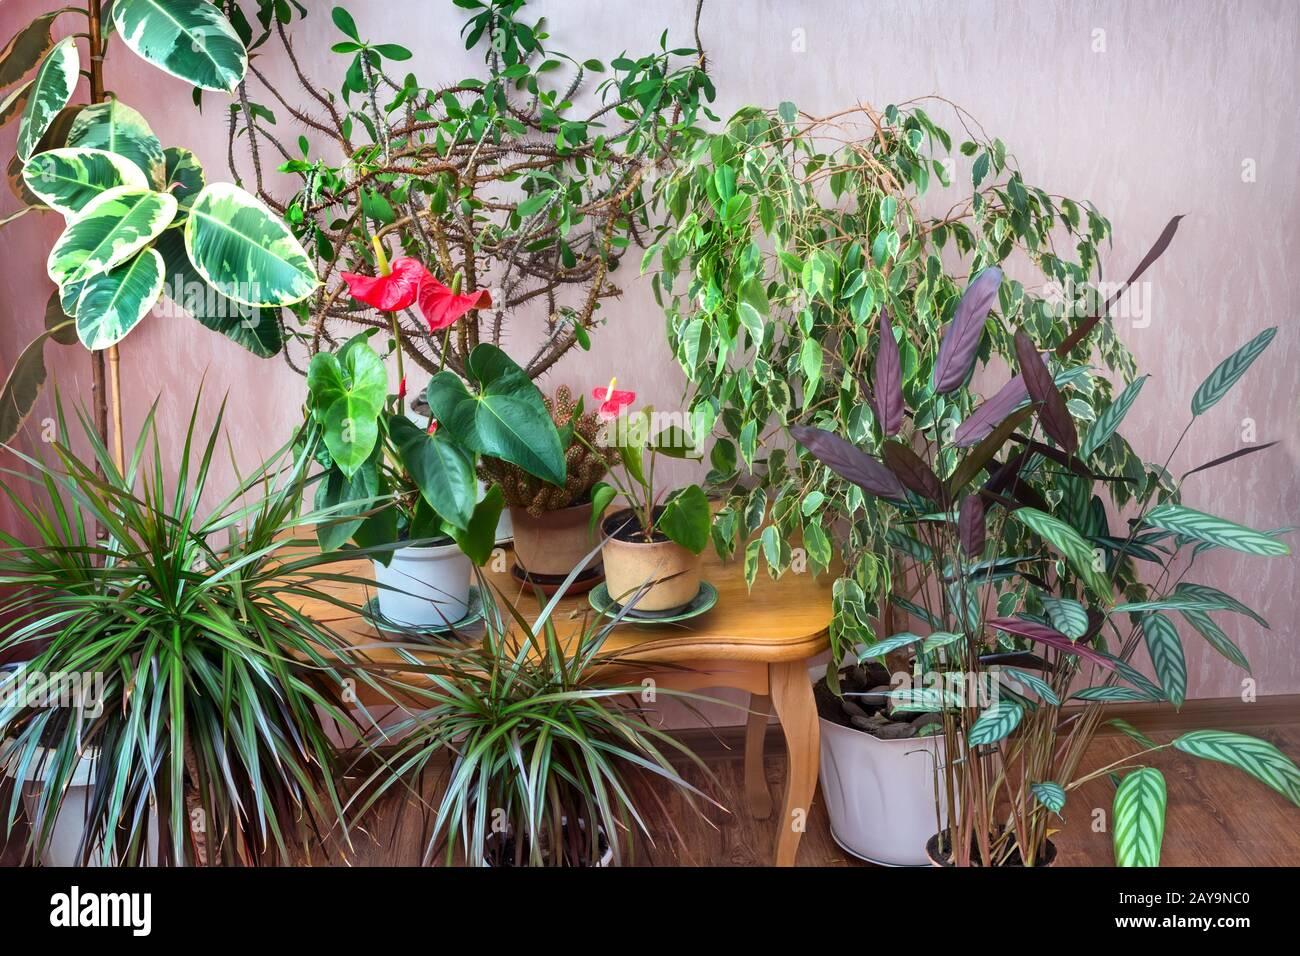 Eine Vielzahl von Topfpflanzen im Haus. Stockfoto